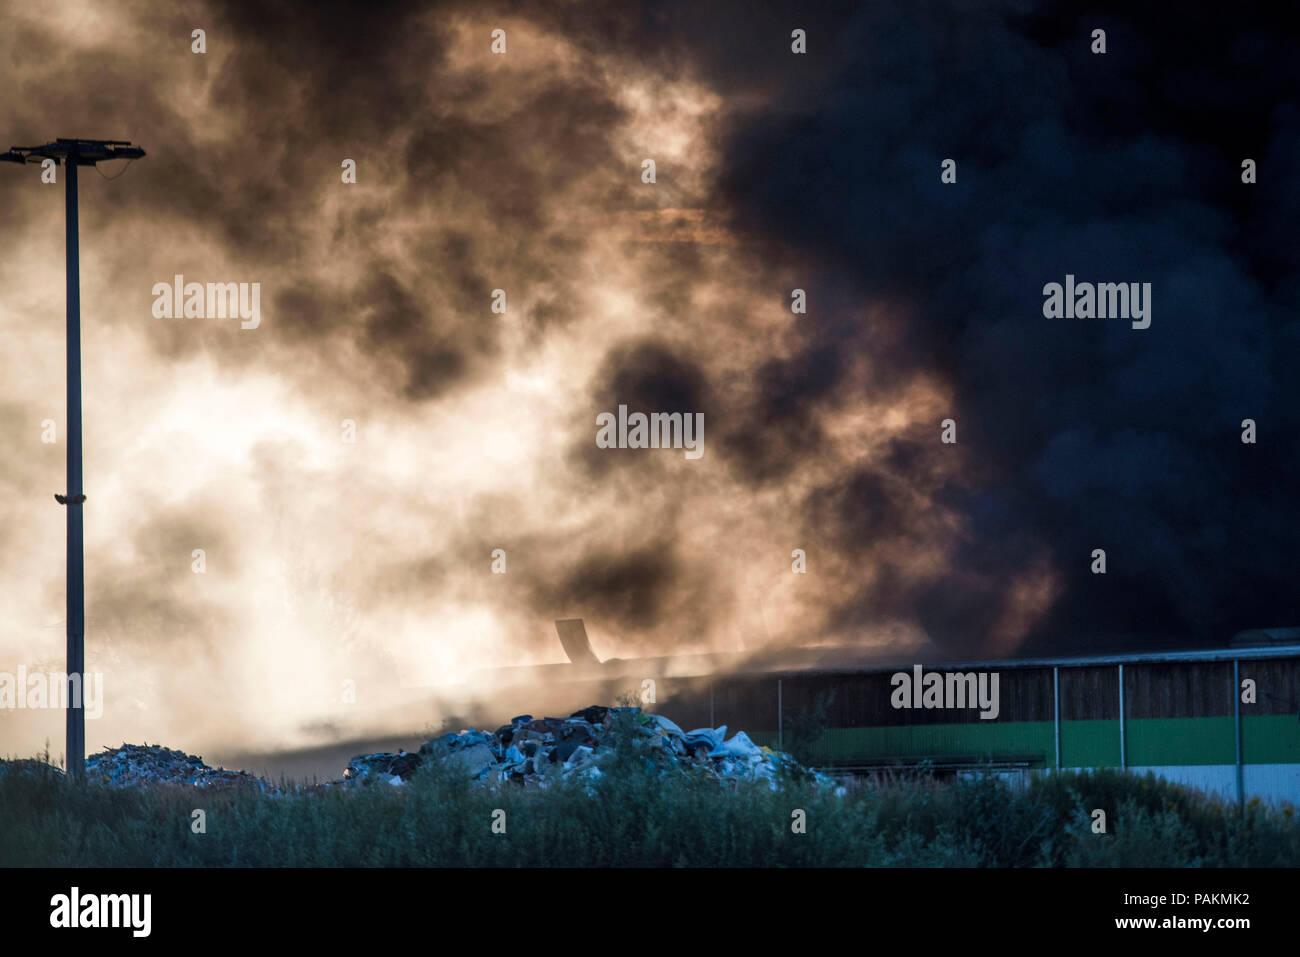 Rostock, Deutschland. 24. Juli, 2018. Dicke Rauchwolken steigen aus einem recyclinghof bei einem Brand. Nach Angaben einer Polizeisprecherin, Anfangs gab es keine Verletzten. Credit: Frank Hormann/dpa/Alamy leben Nachrichten Stockfoto